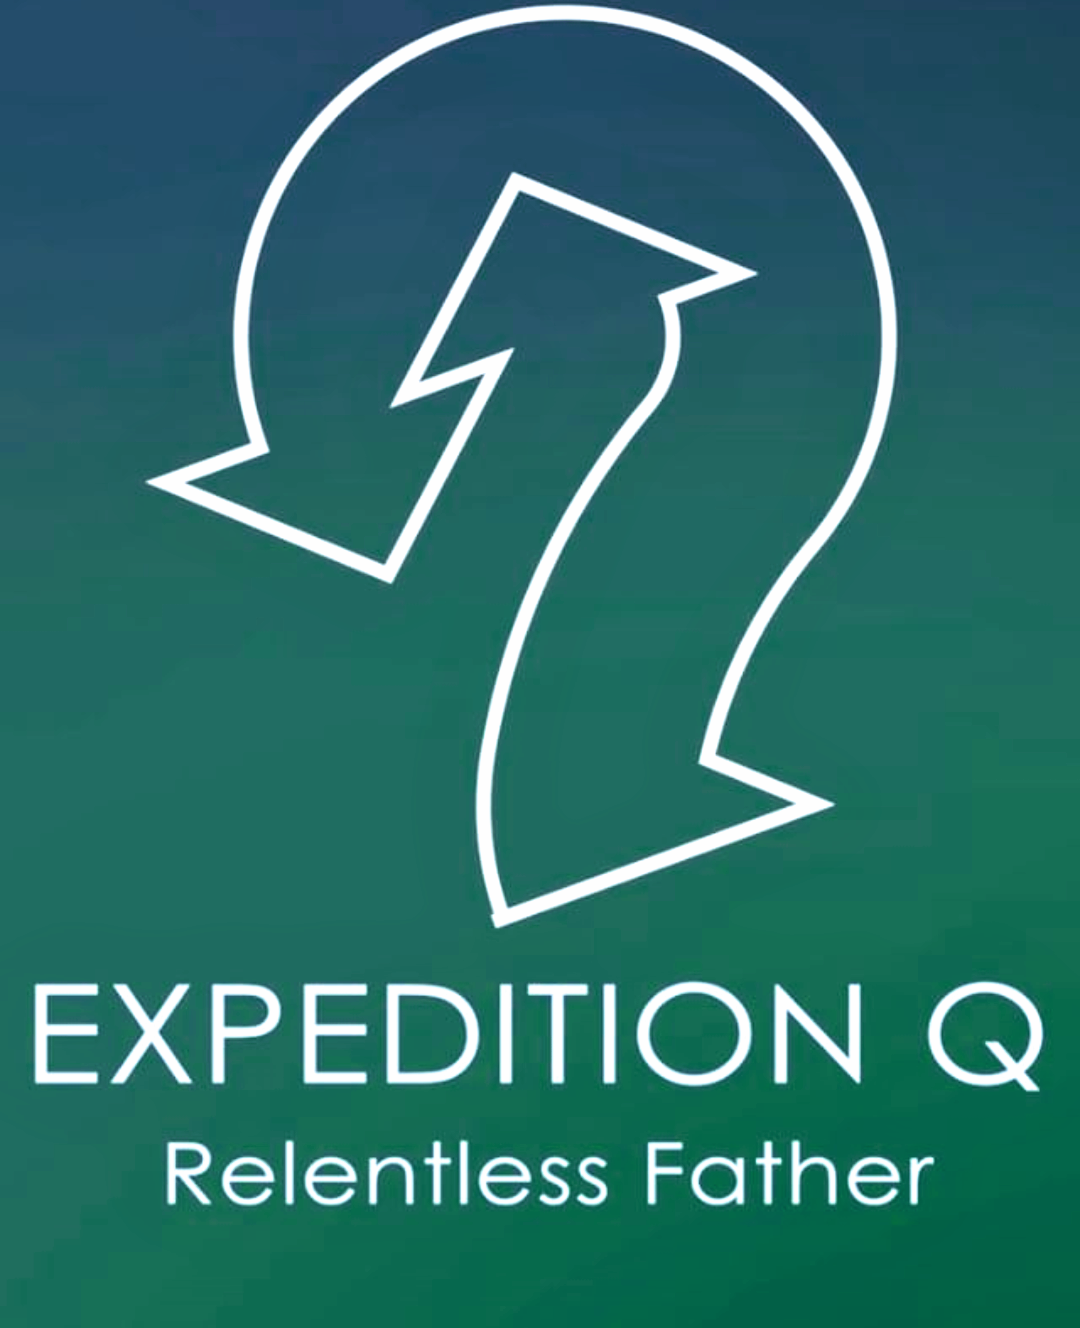 Europees Zomerkamp 2019 Expedition Q voor tieners en jongeren van 12 tot 19 jaar